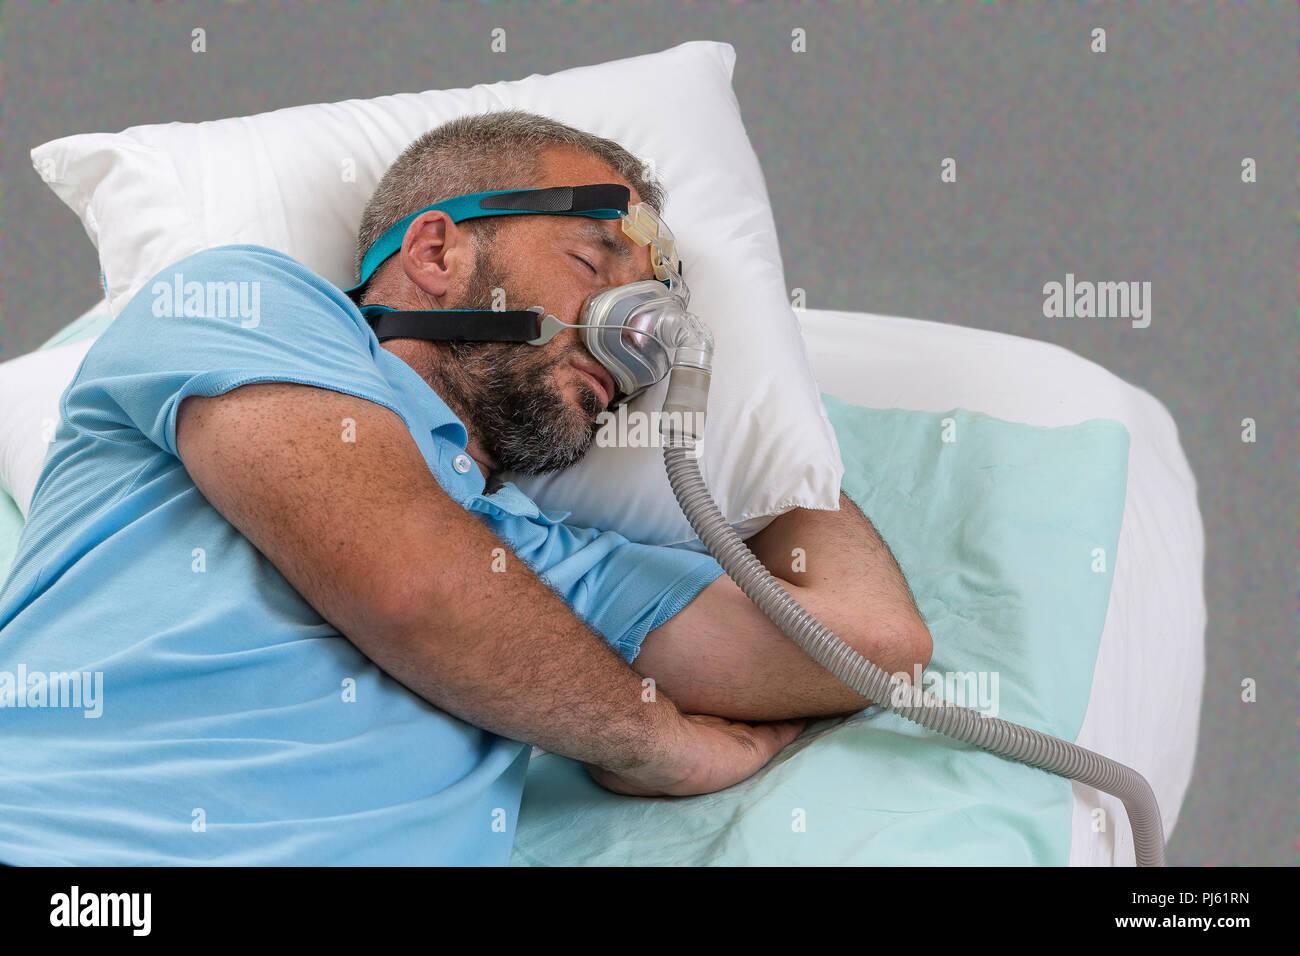 APNEA. Uomo con apnea nel sonno e macchina CPAP Immagini Stock